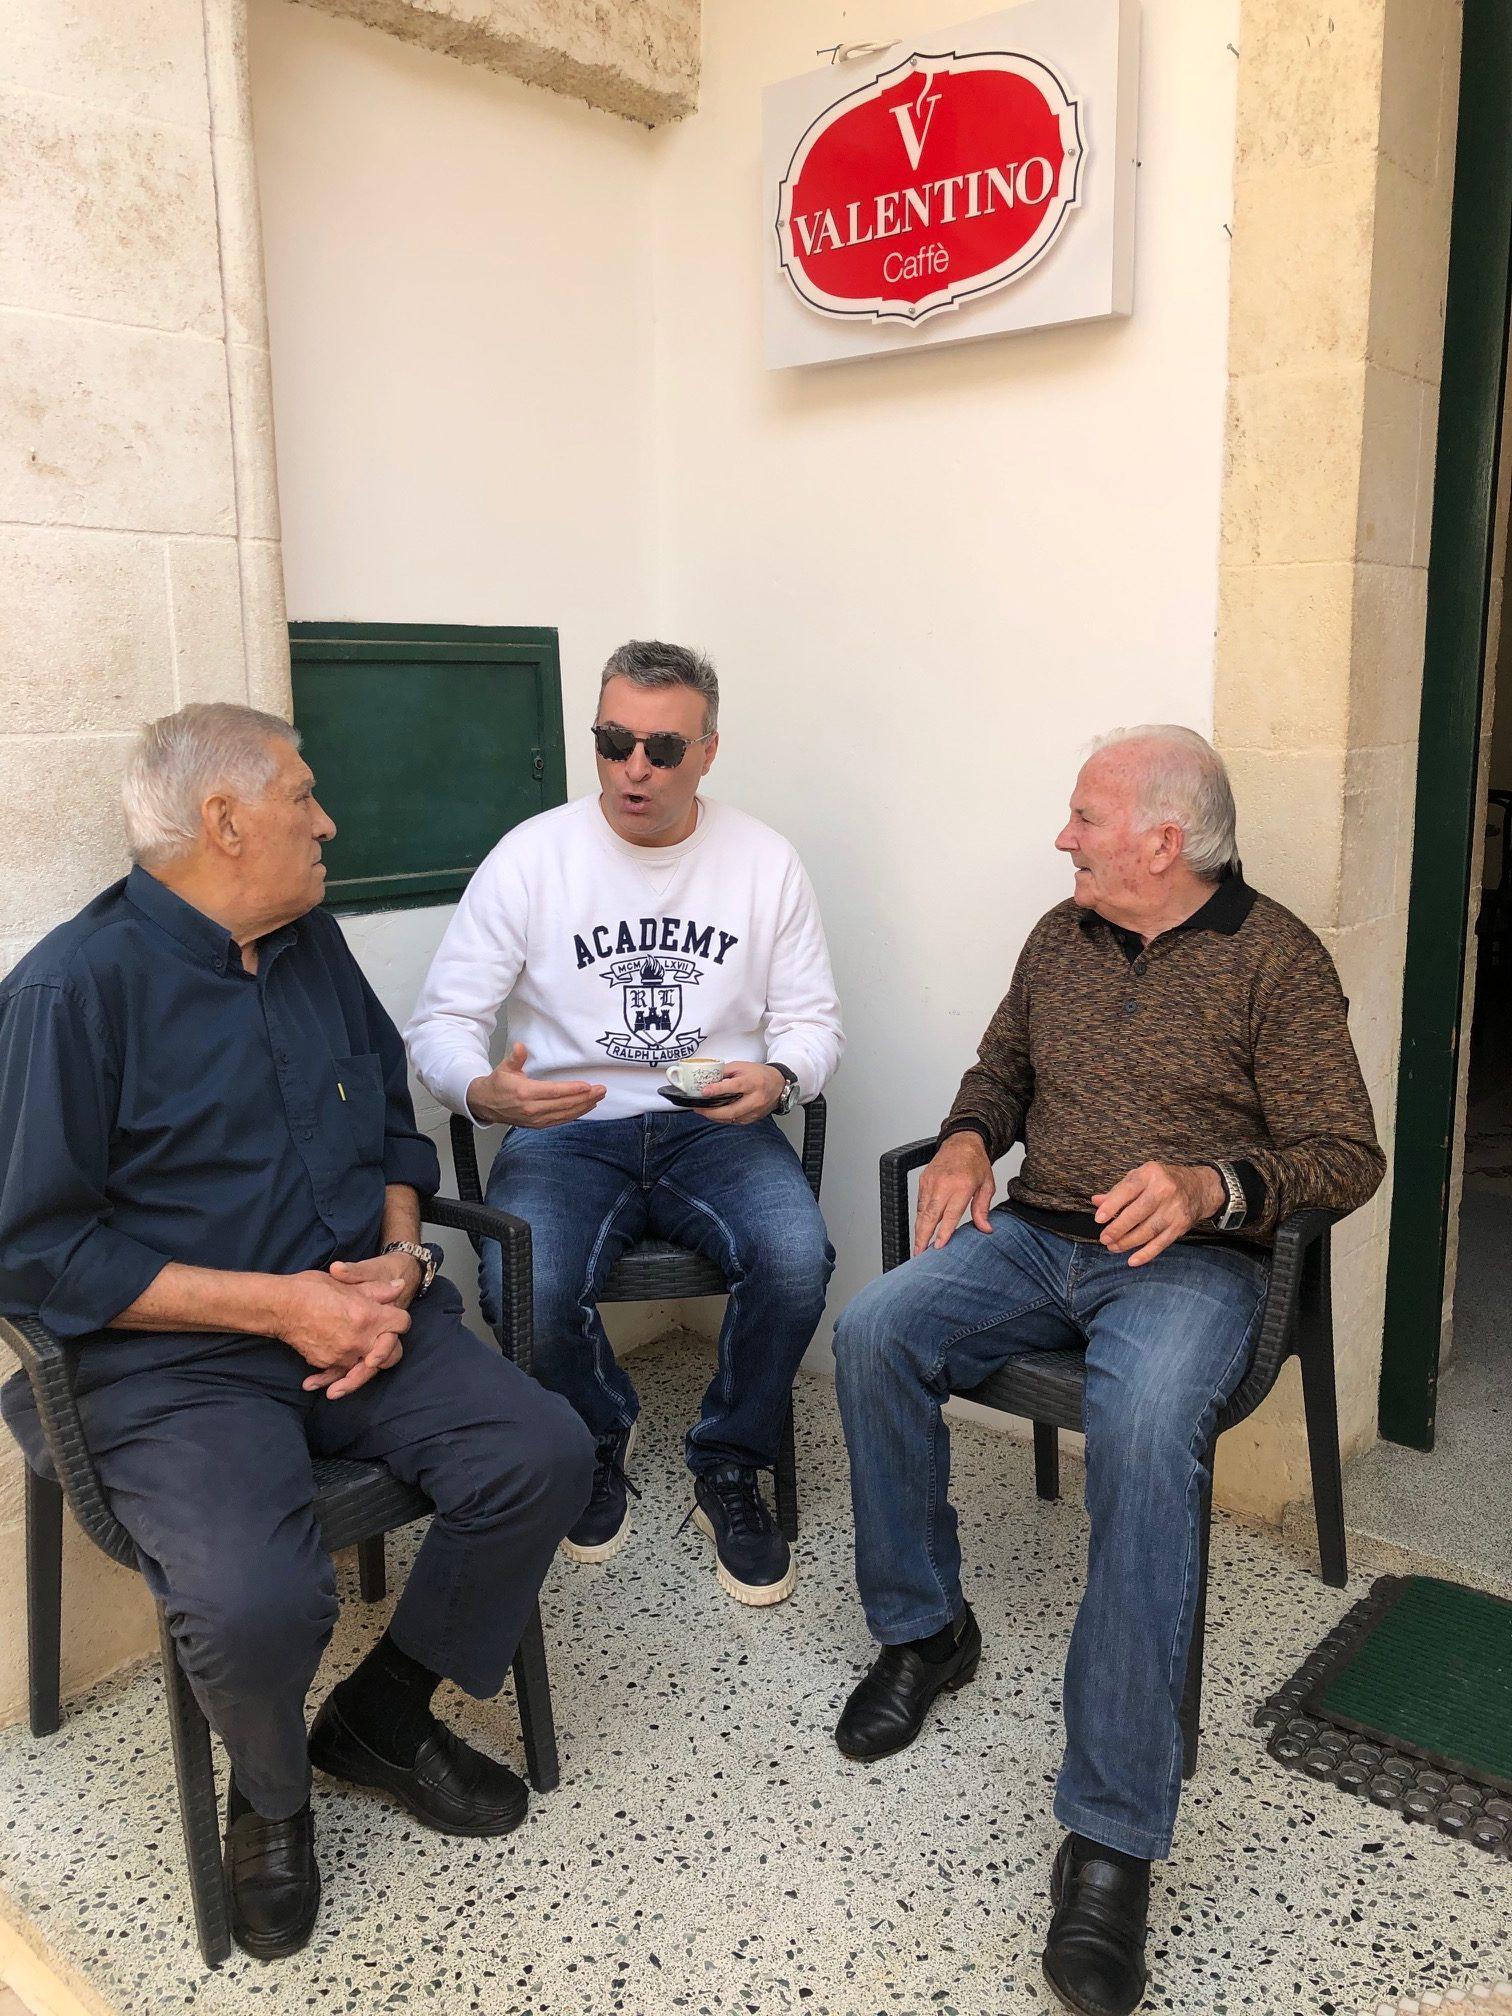 Friends from Ruffano, Italy